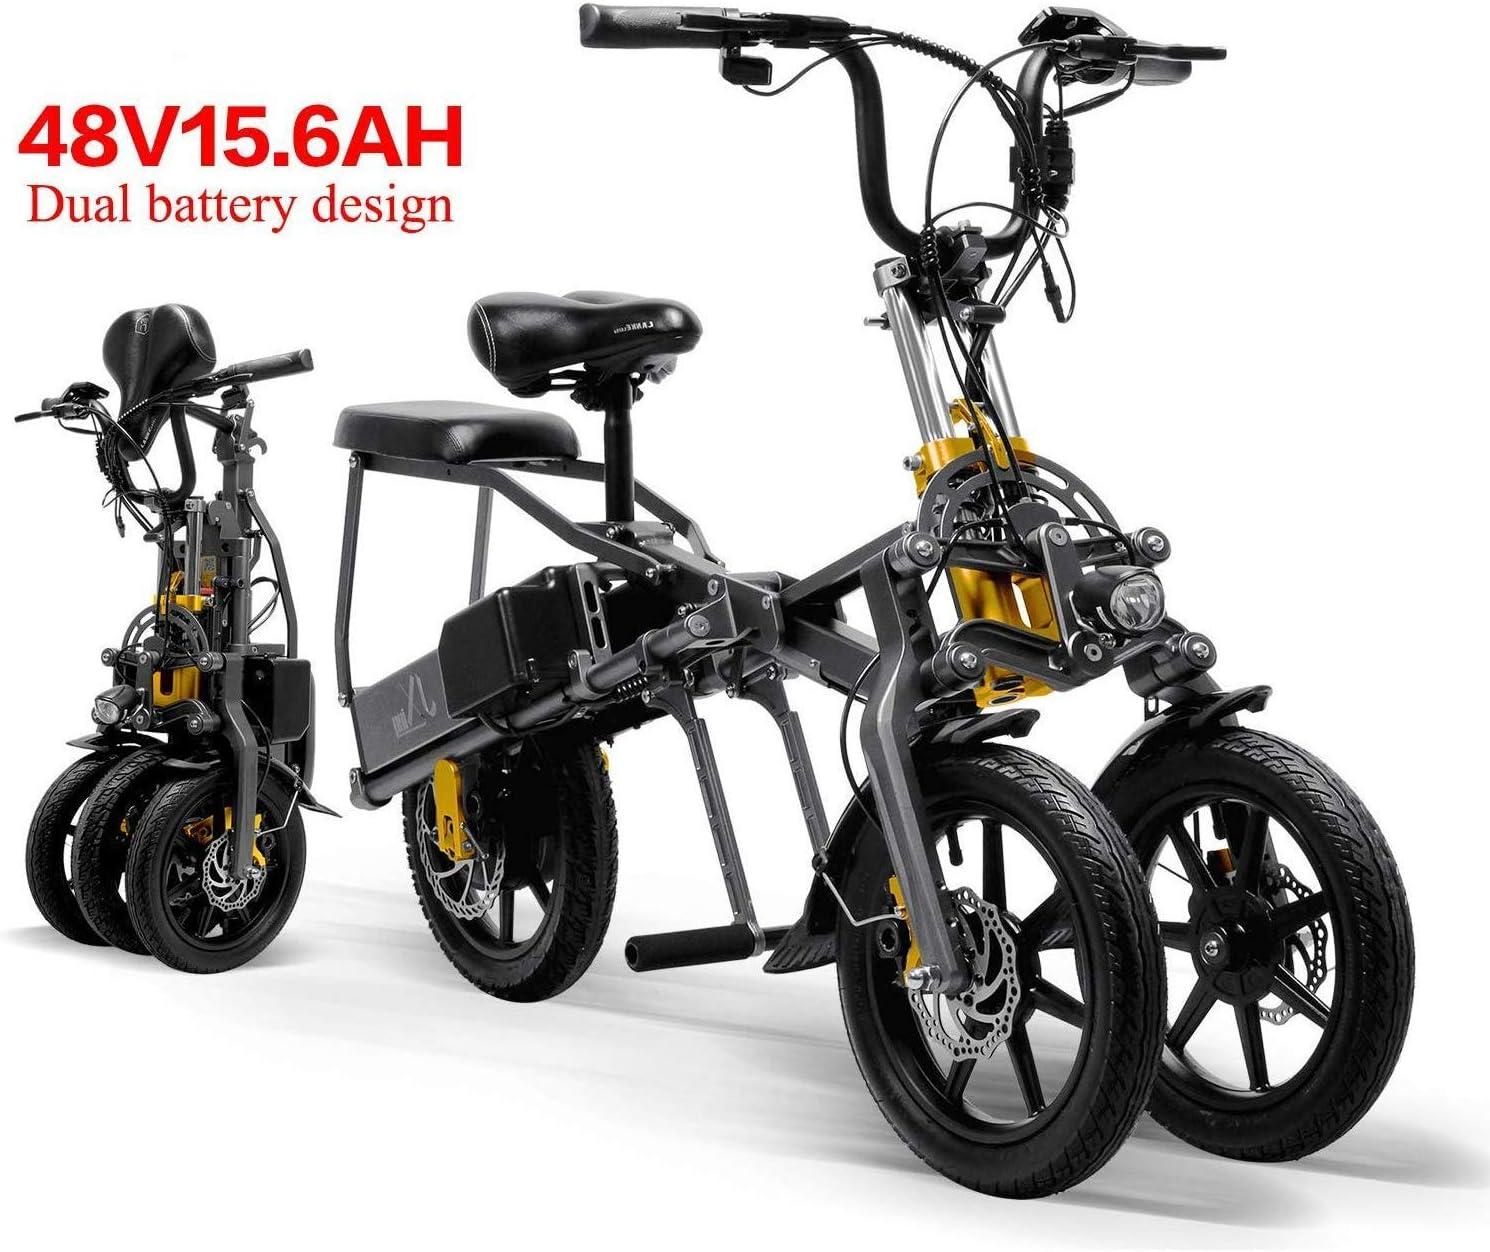 XINTONGDA 2 baterías de Coche eléctrico Triciclo 48V 15.6A Plegable eléctrico de Tres Ruedas 14 Pulgadas Bicicleta de 1 Segundo Alta Cocina eléctrica de fácil